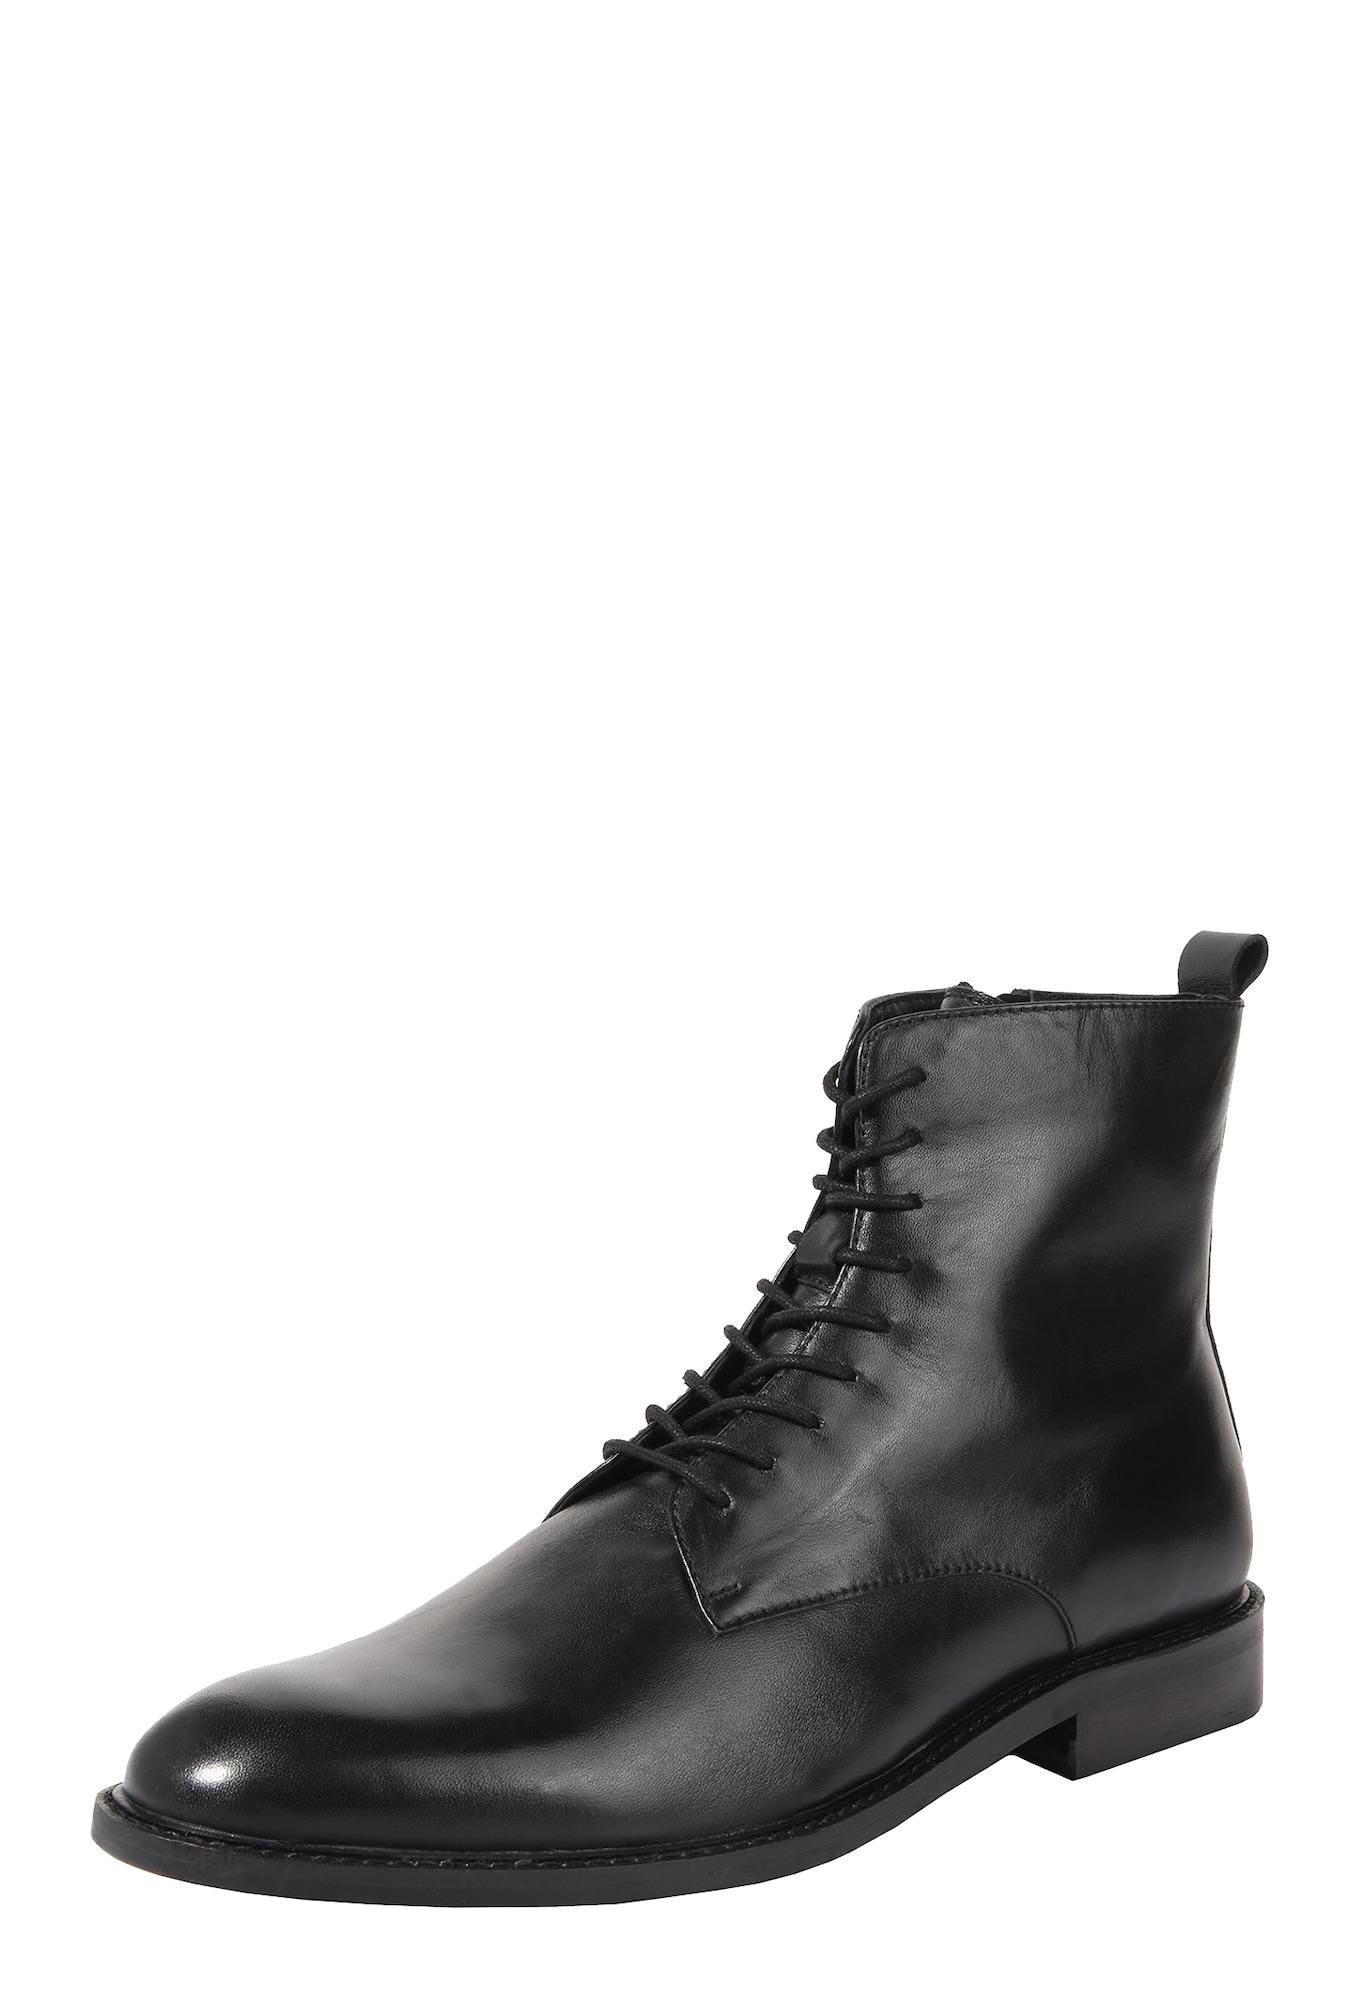 Šněrovací boty Flynn černá ABOUT YOU